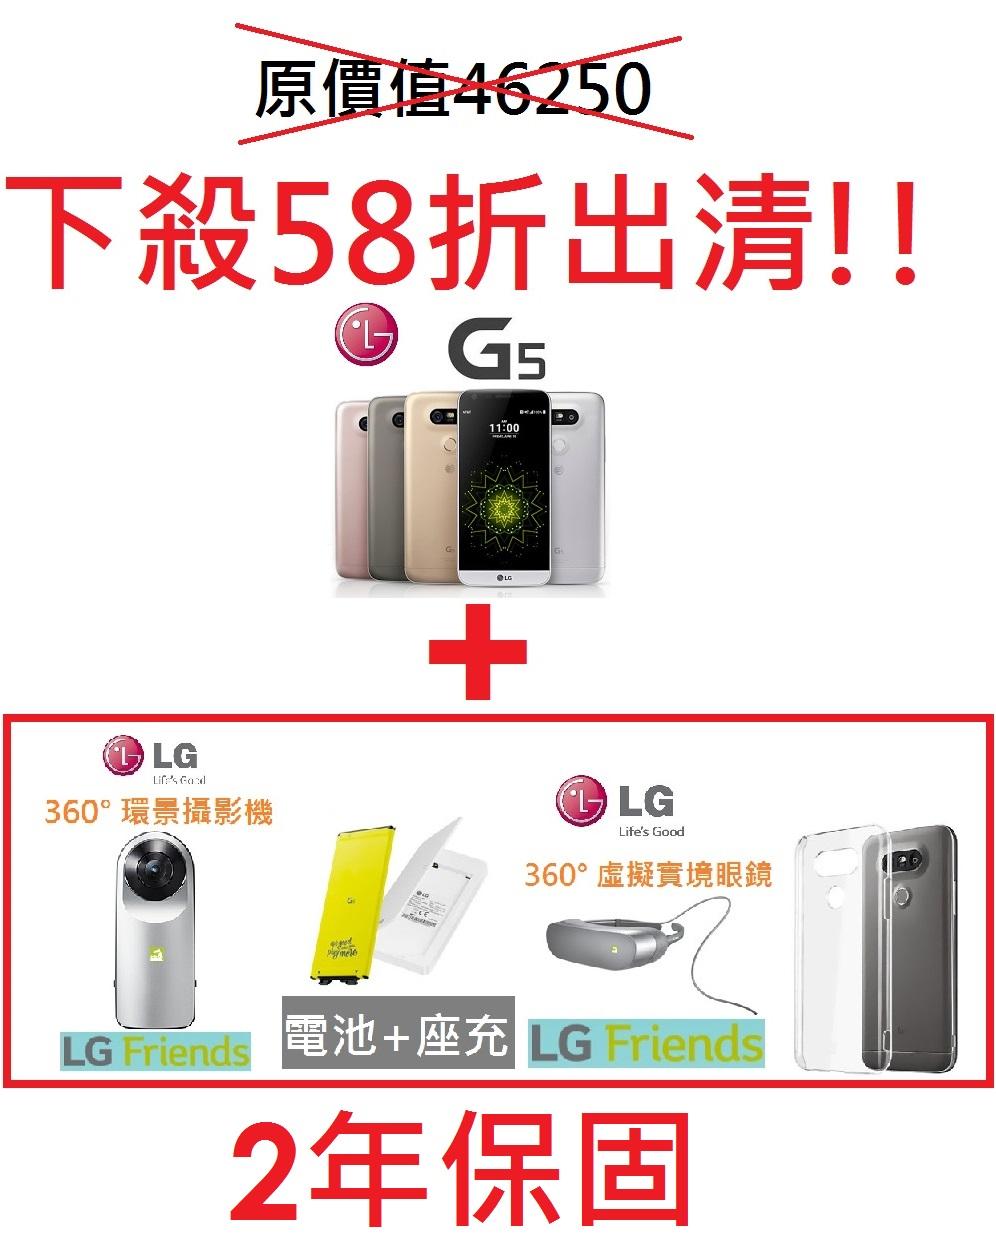 【原廠現貨】LG 樂金 G5(H860)5.3吋 4G/32G 4G LTE 智慧型手機(送360度VR眼鏡+360度相機+保護殼+原廠電池、座充)